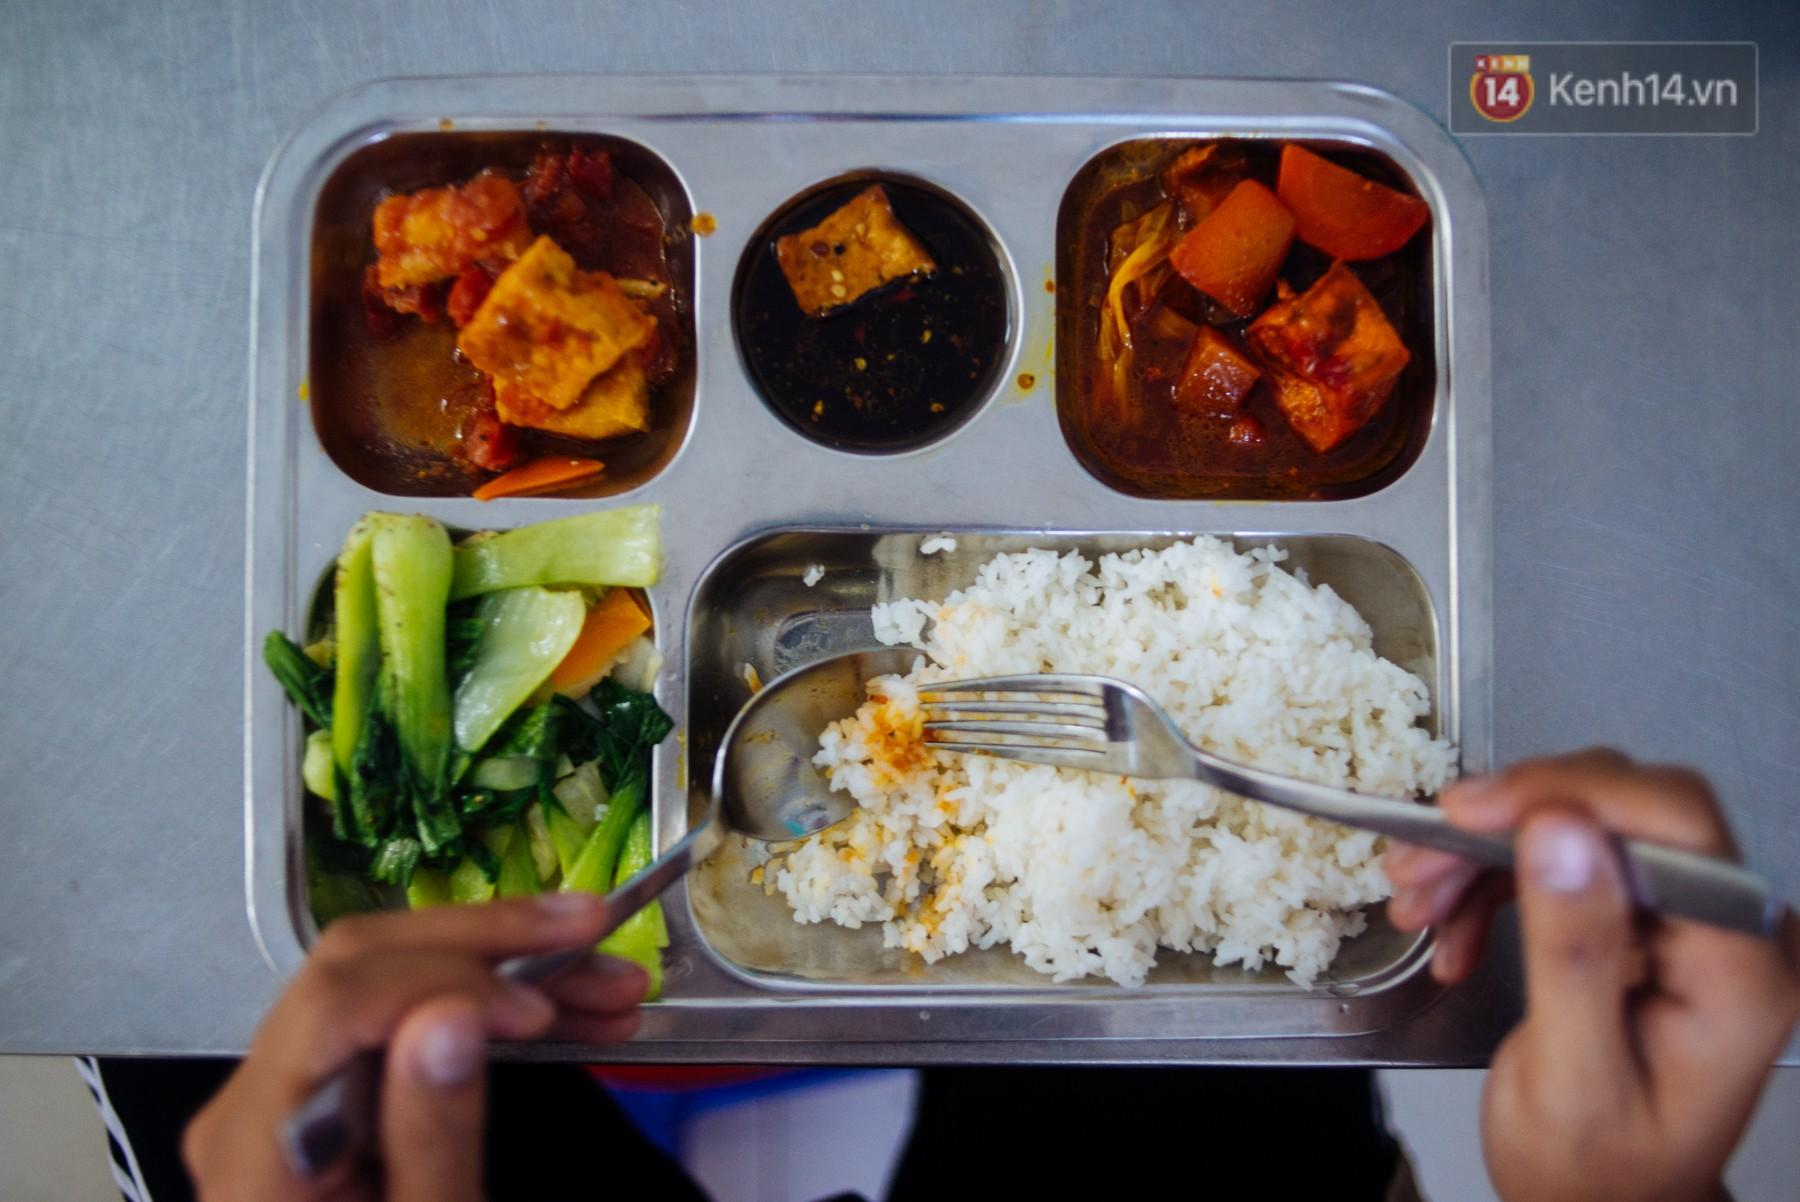 Giàu như anh bán chuối chiên Sài Gòn: Mở quán cơm 5k cho người thu nhập chưa cao, 5 năm đắt hàng - Ảnh 9.